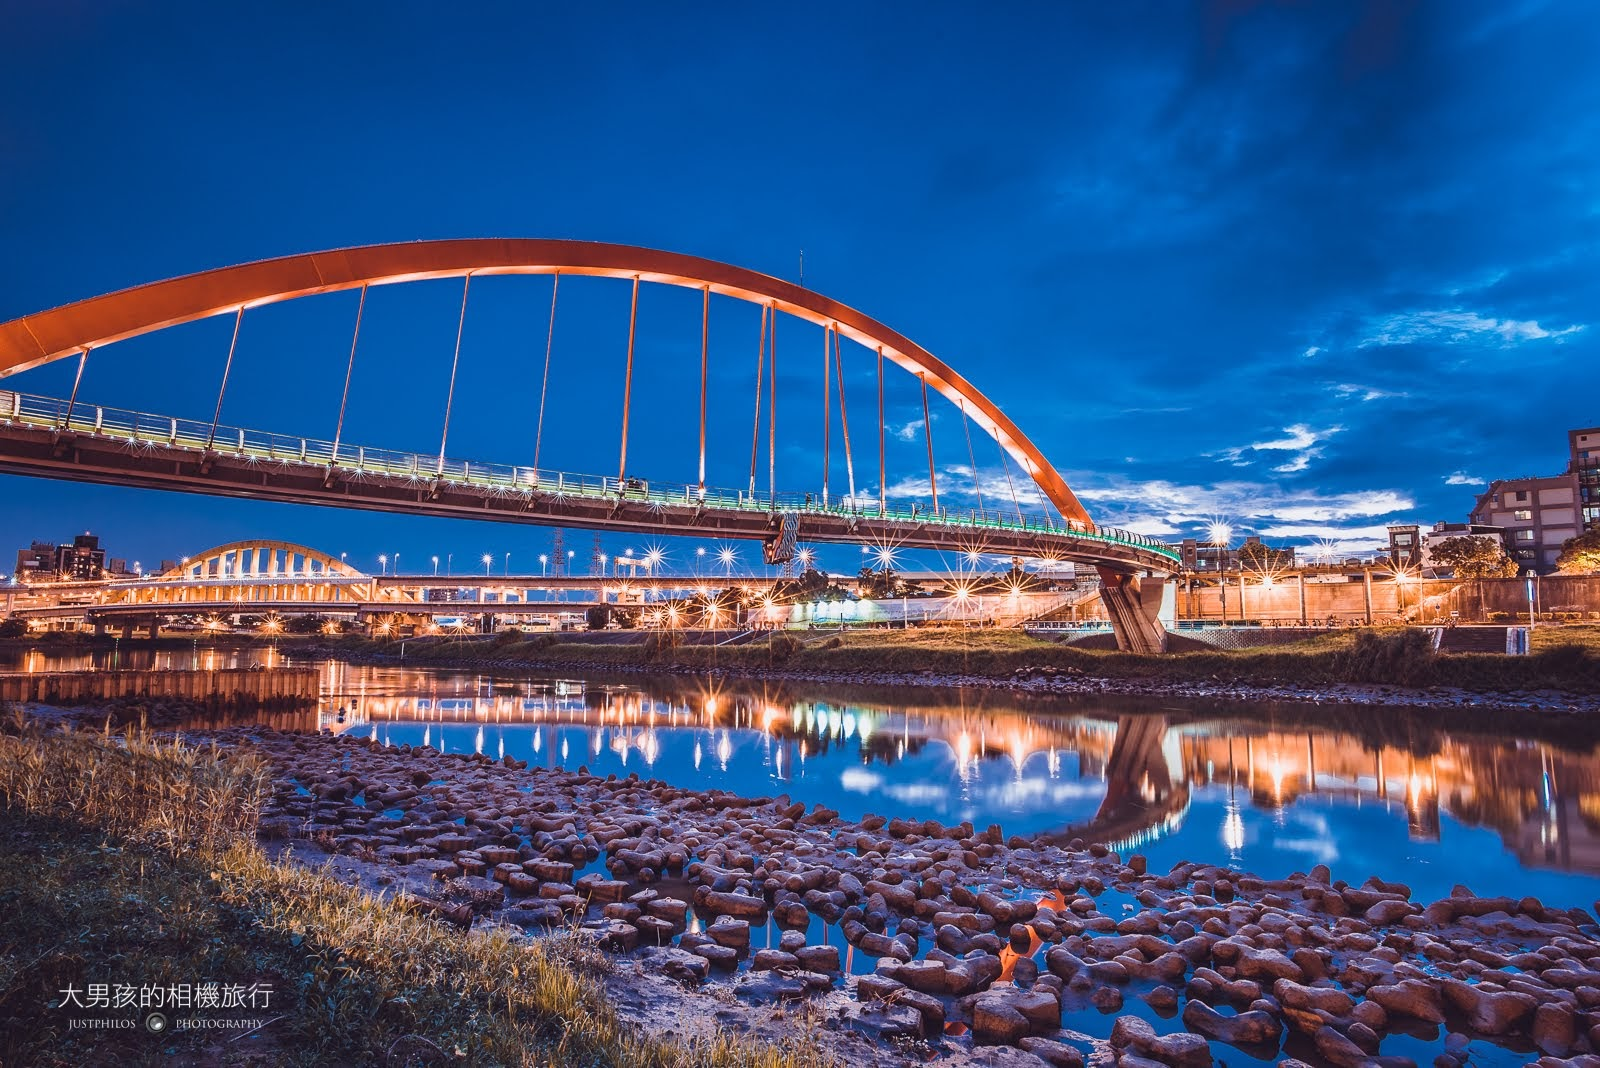 松山彩虹橋是許多情侶喜歡來的熱門夜景景點之一。